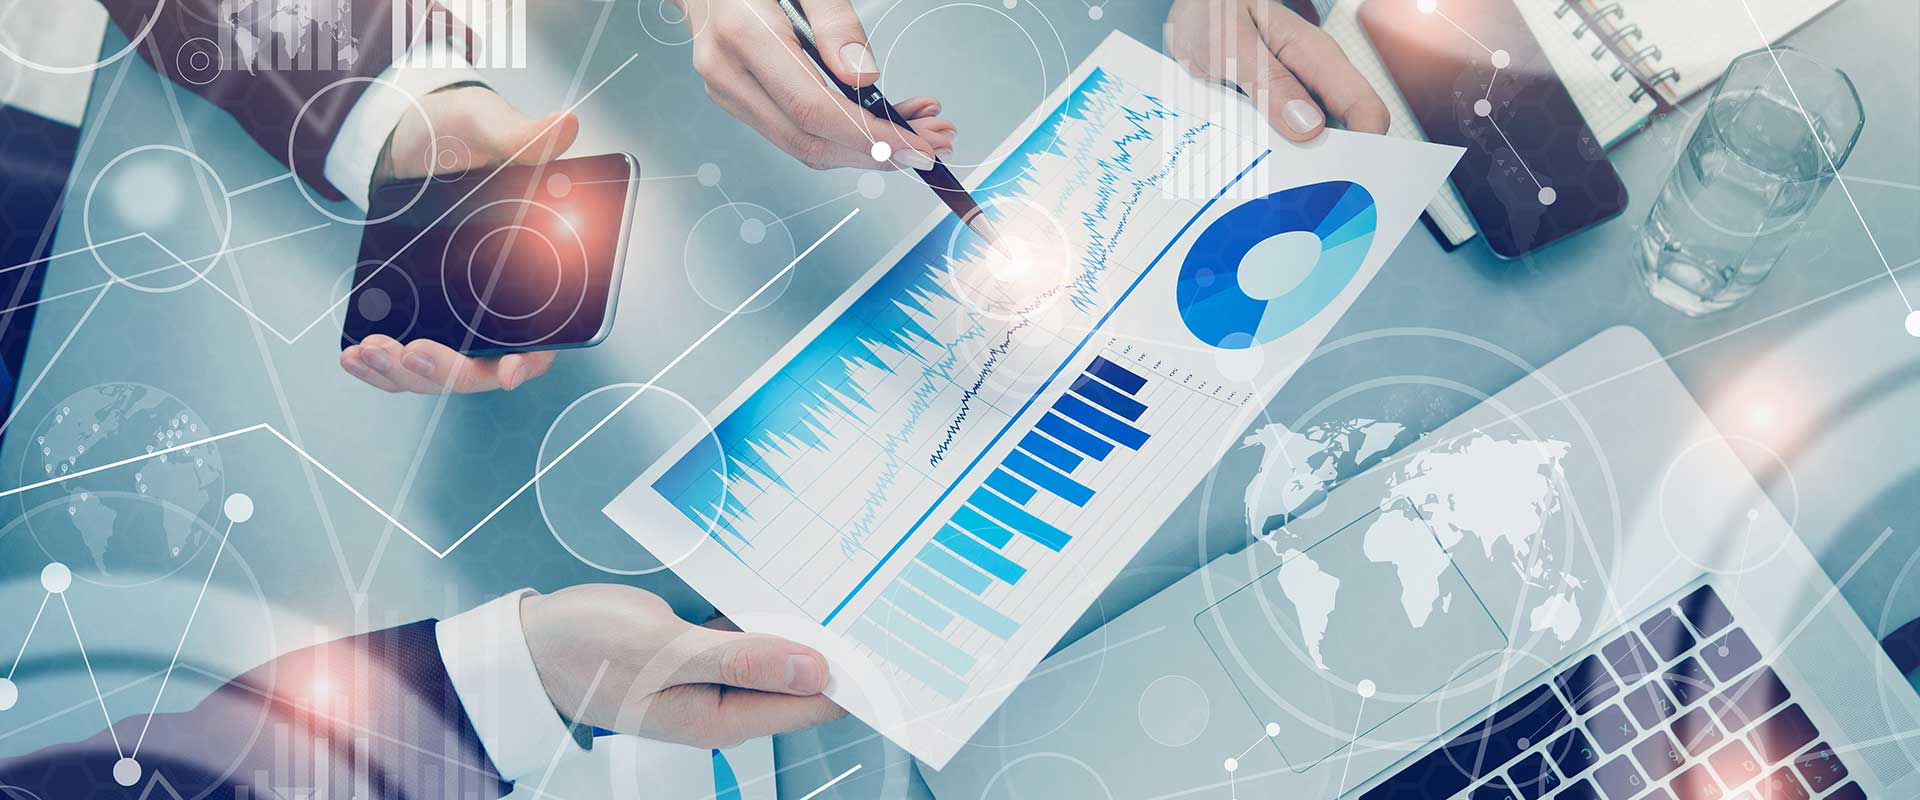 Entreprises : 4 clés pour réussir votre projet big data